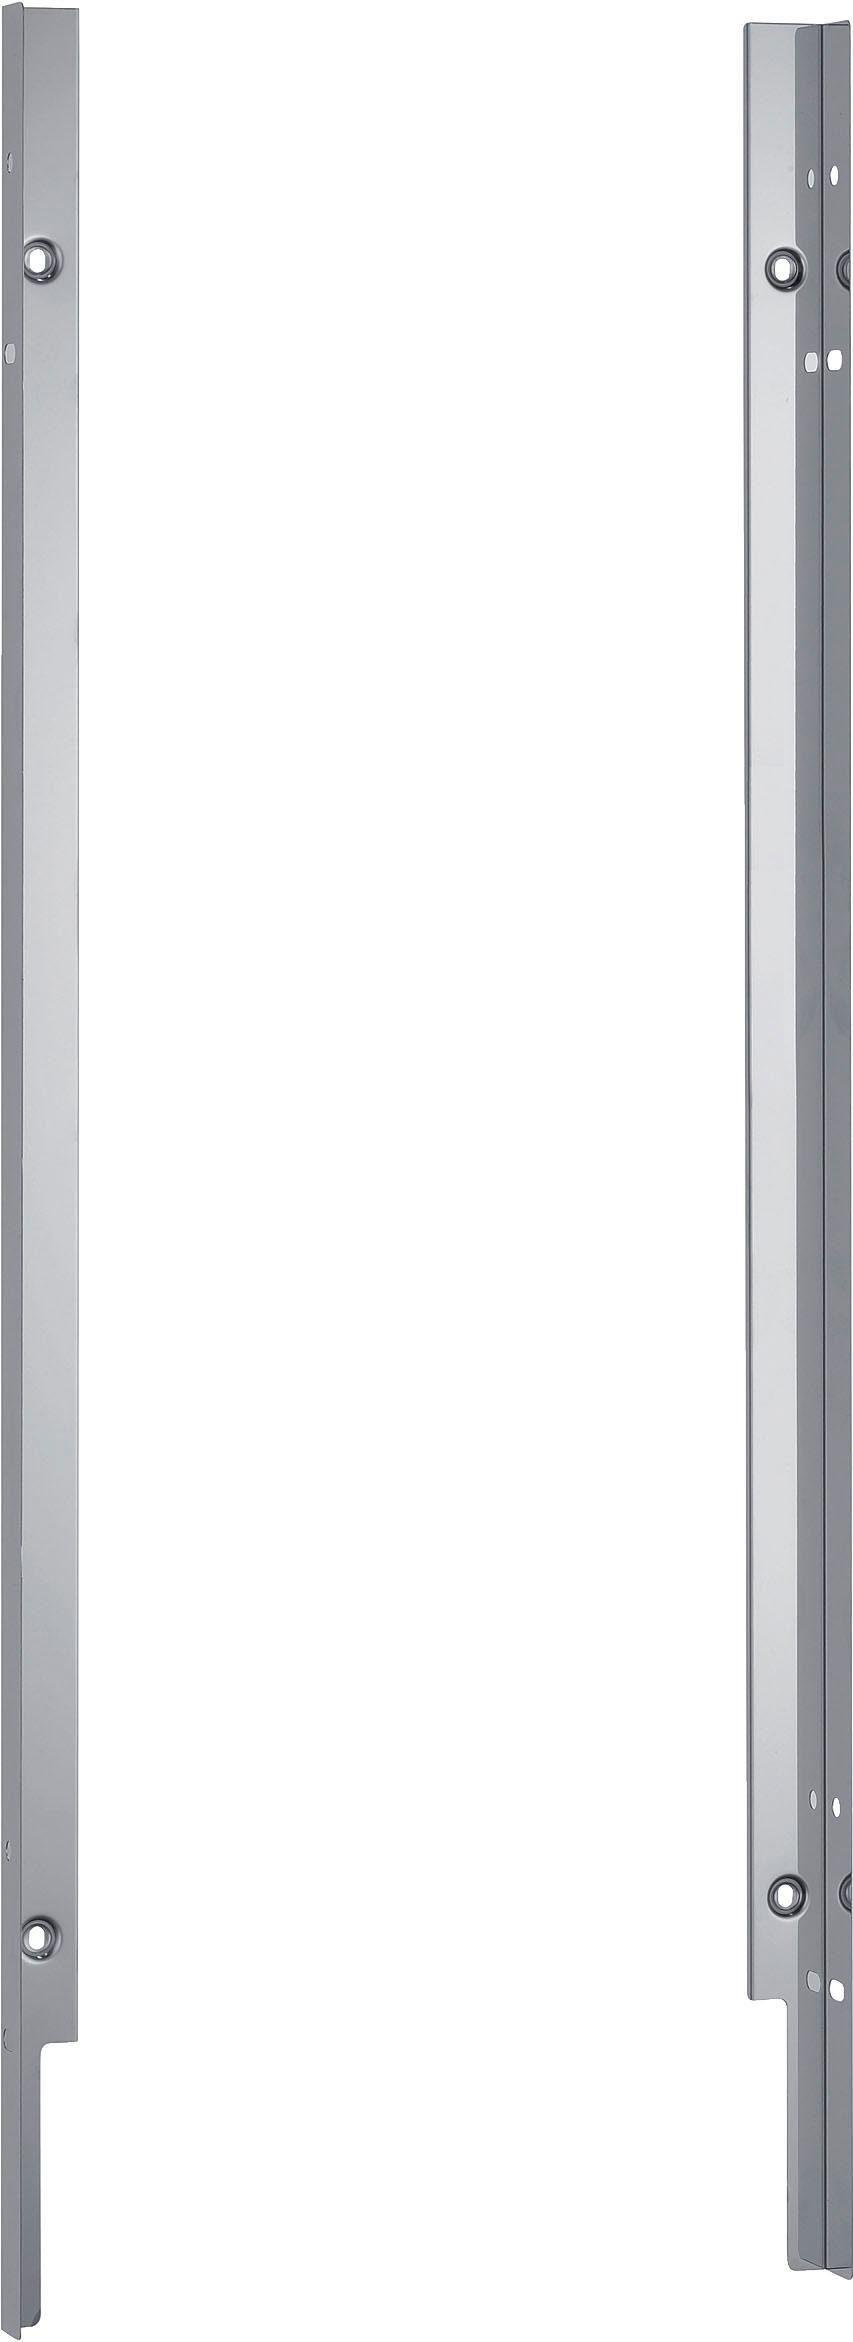 Bosch Verblendungs- und Befestigungssatz SMZ5015, 86,5 cm